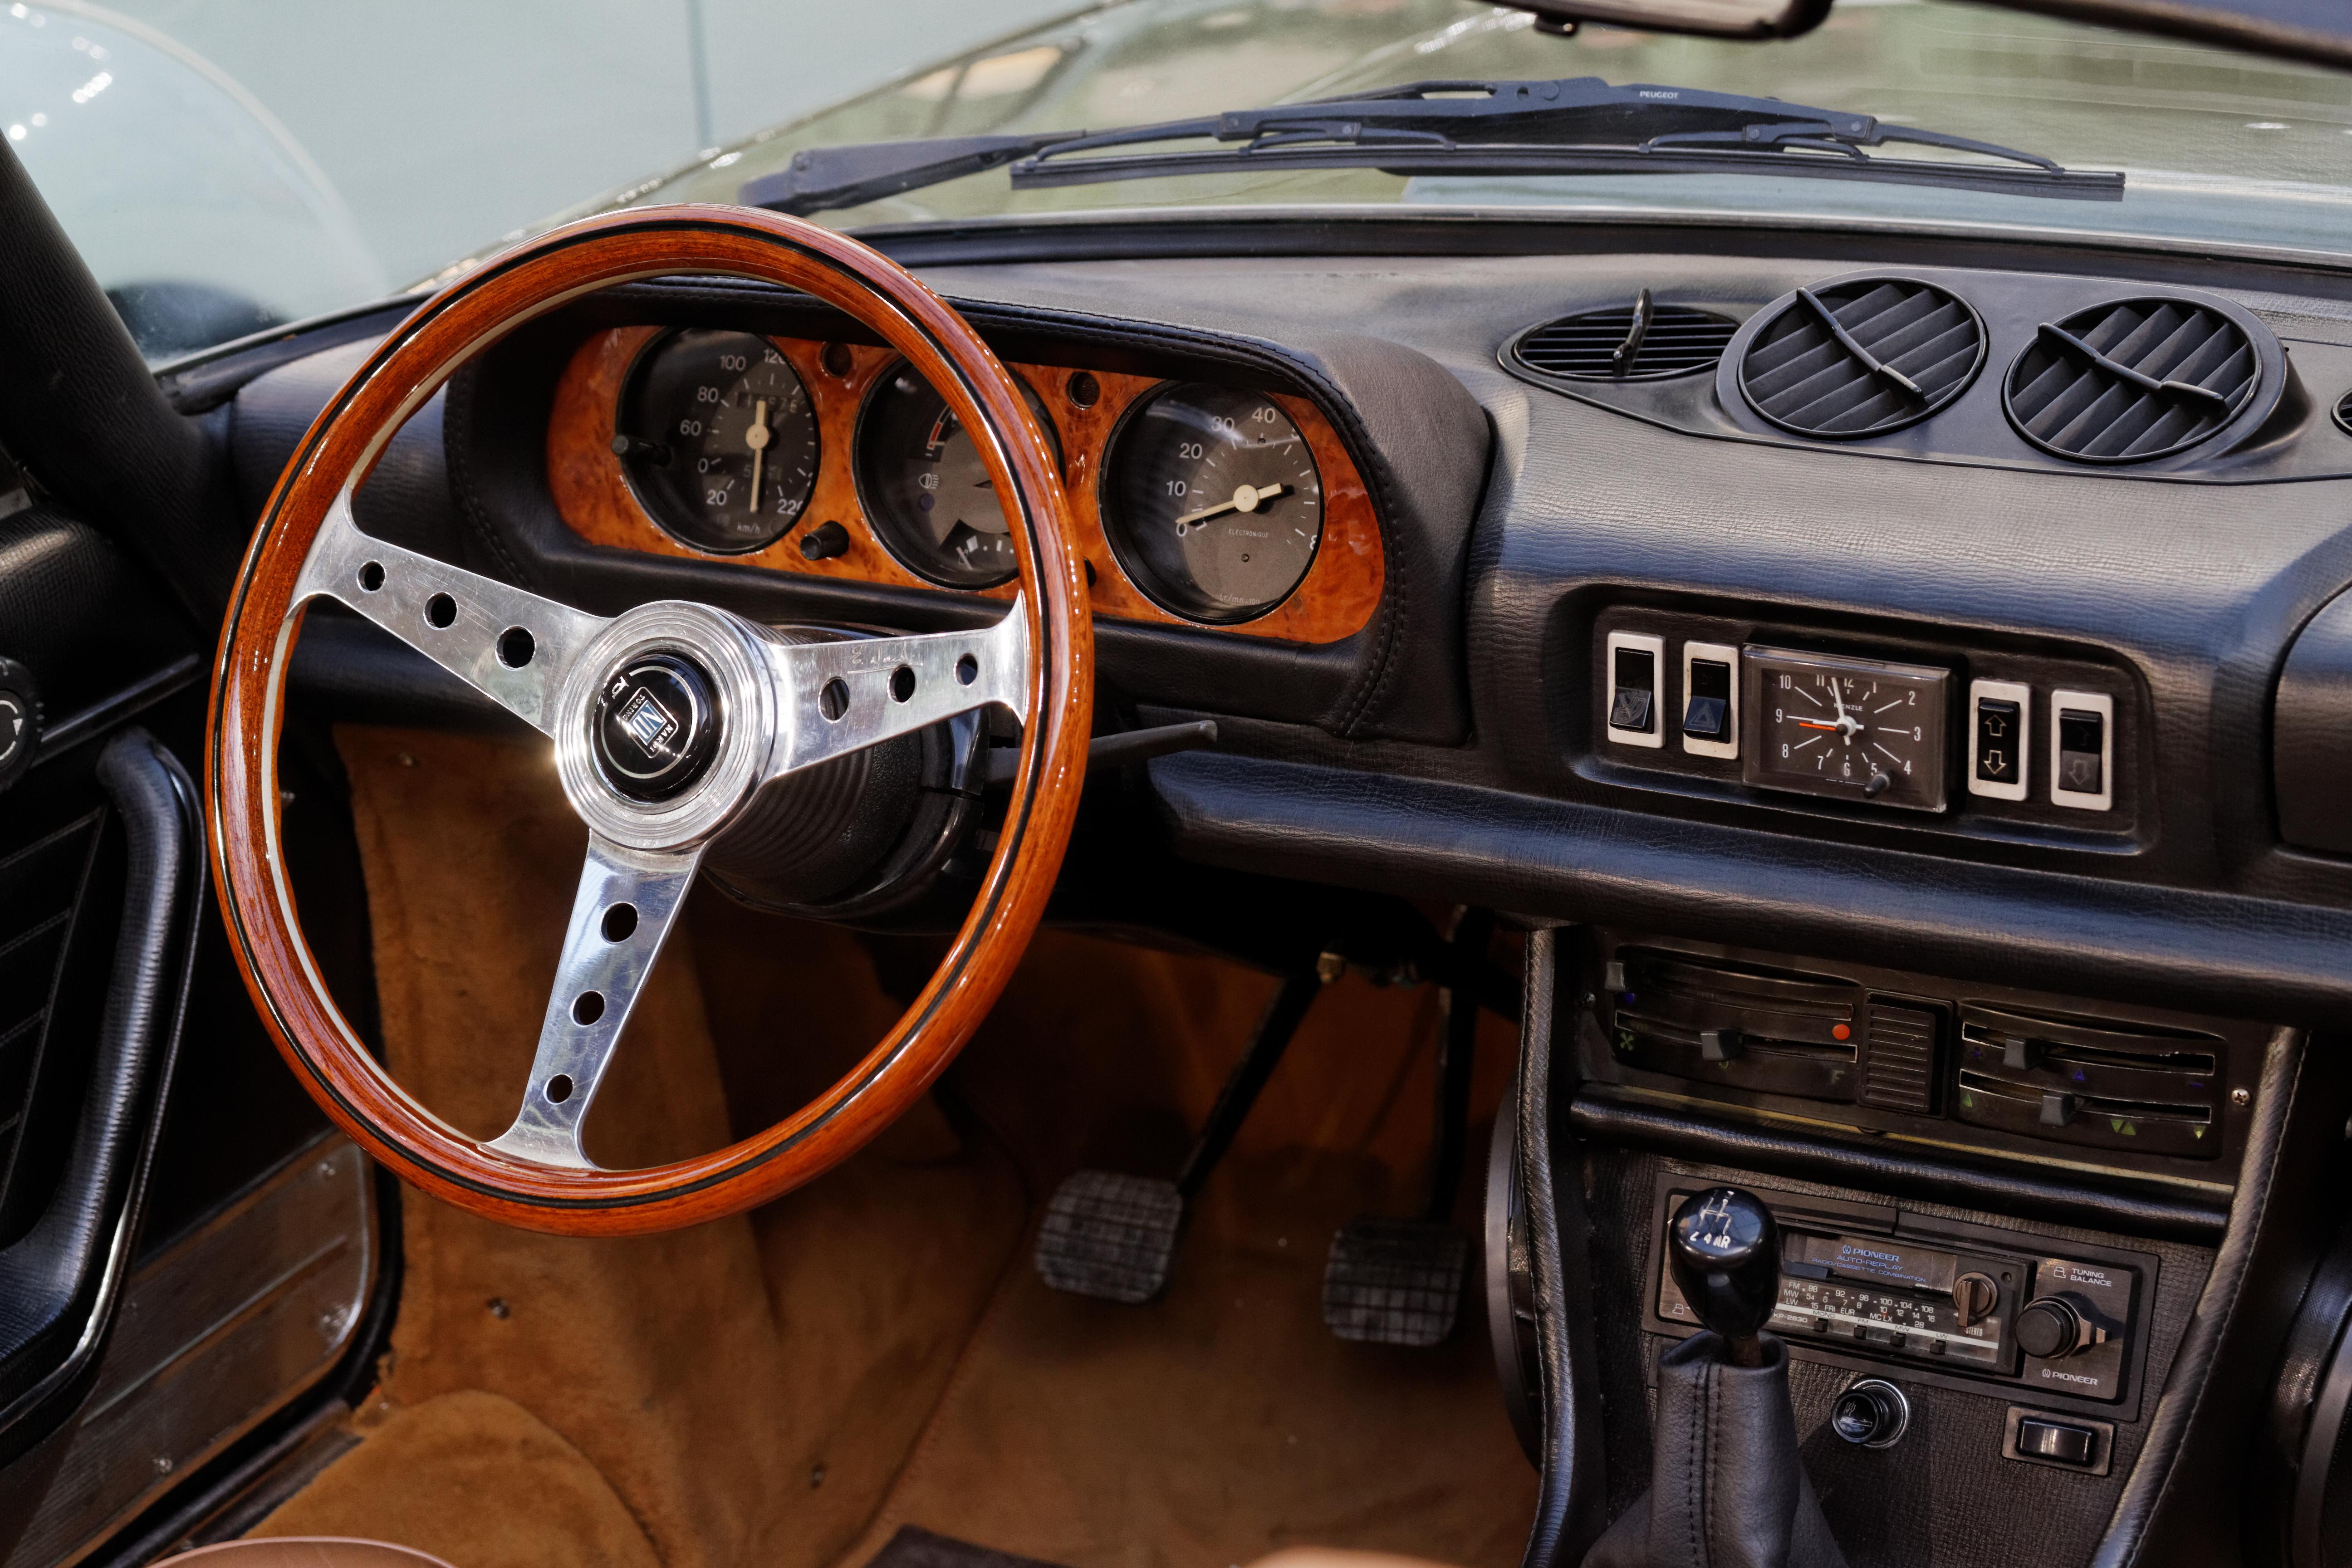 File Paris Bonhams 2014 Peugeot 504 V6 Cabriolet 1975 005